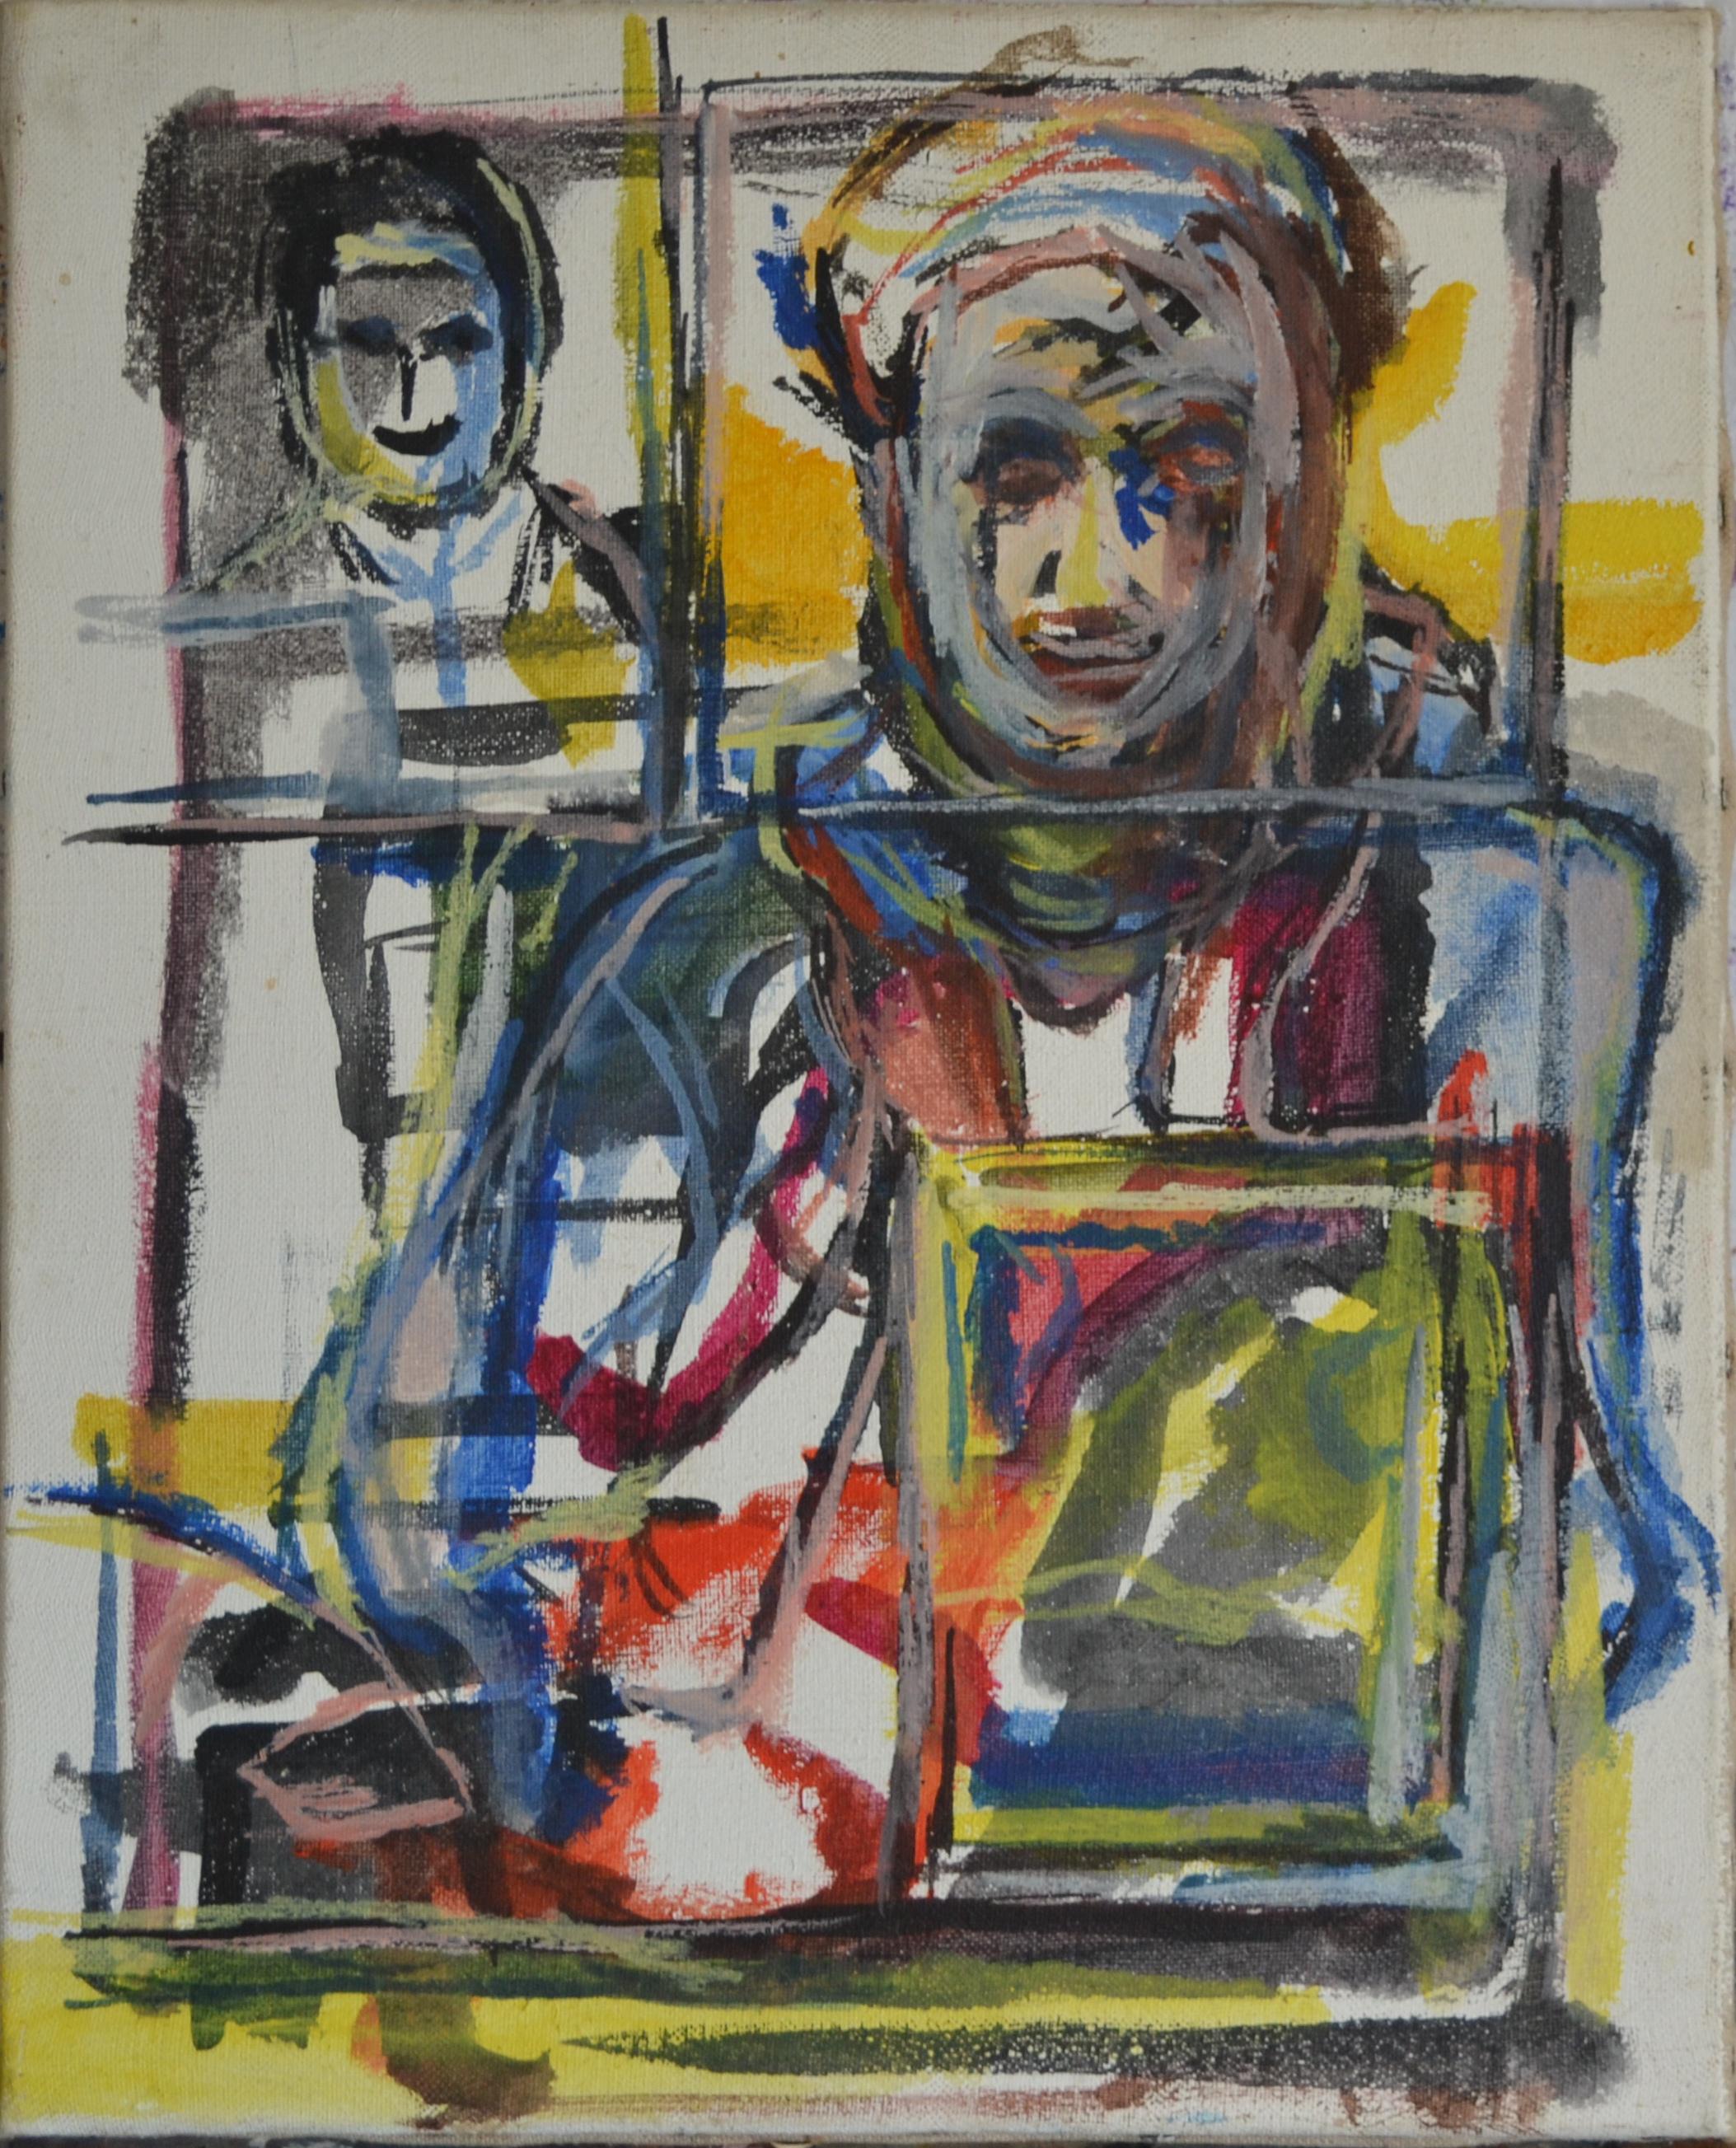 acrylique sur toile/chassis, 41 x 33 cm, 1984